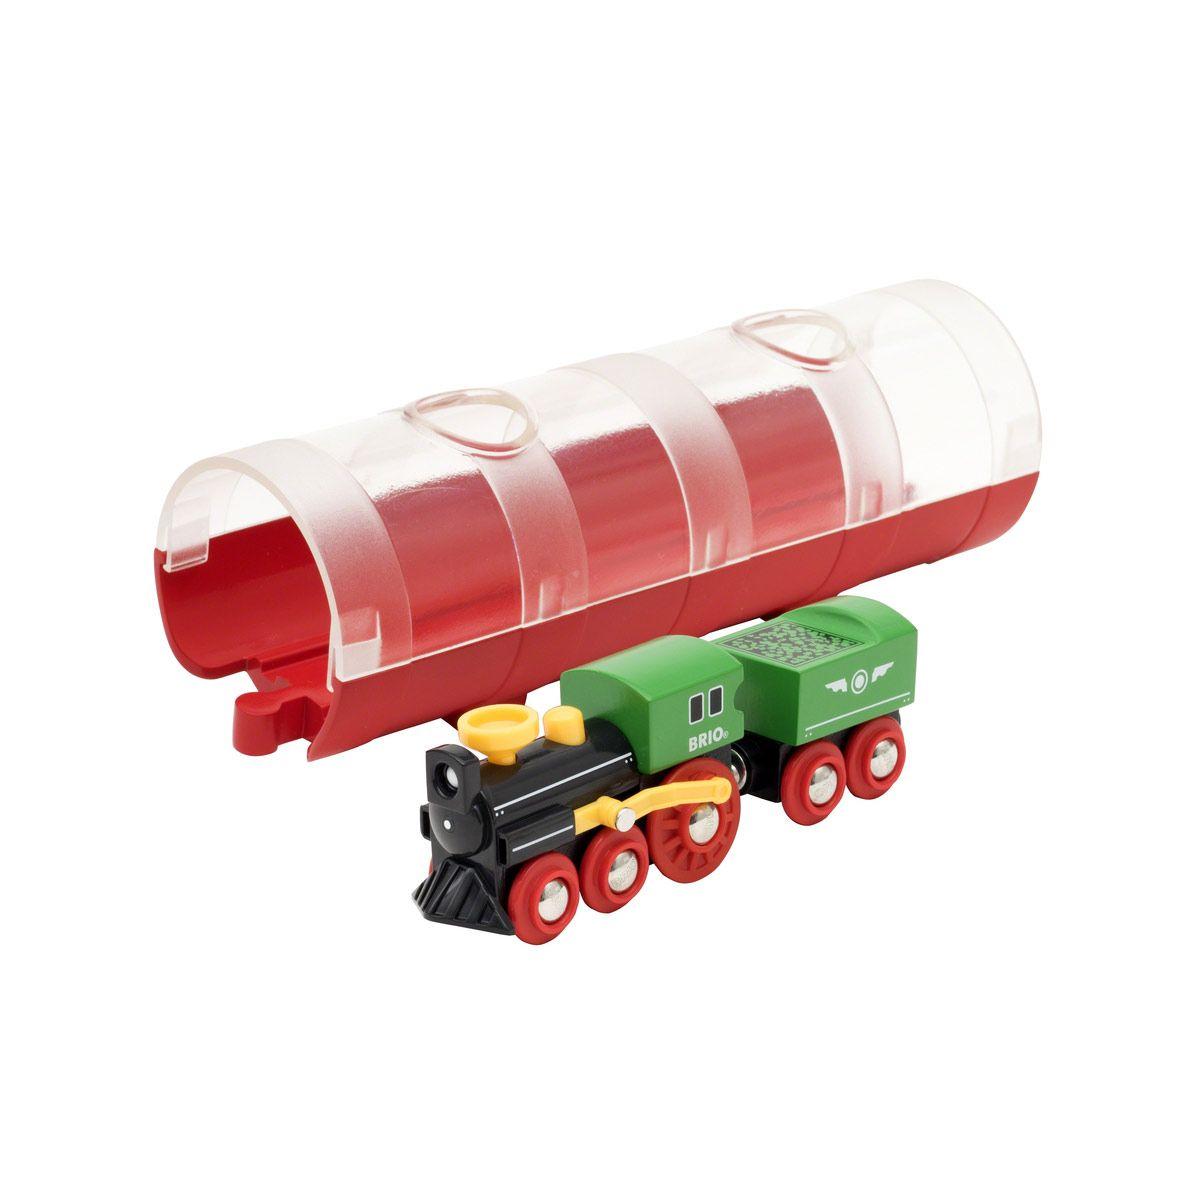 À Jeux De Et Vapeur TrainsCircuits Train Tunnel Accessoires WEY9DHe2I